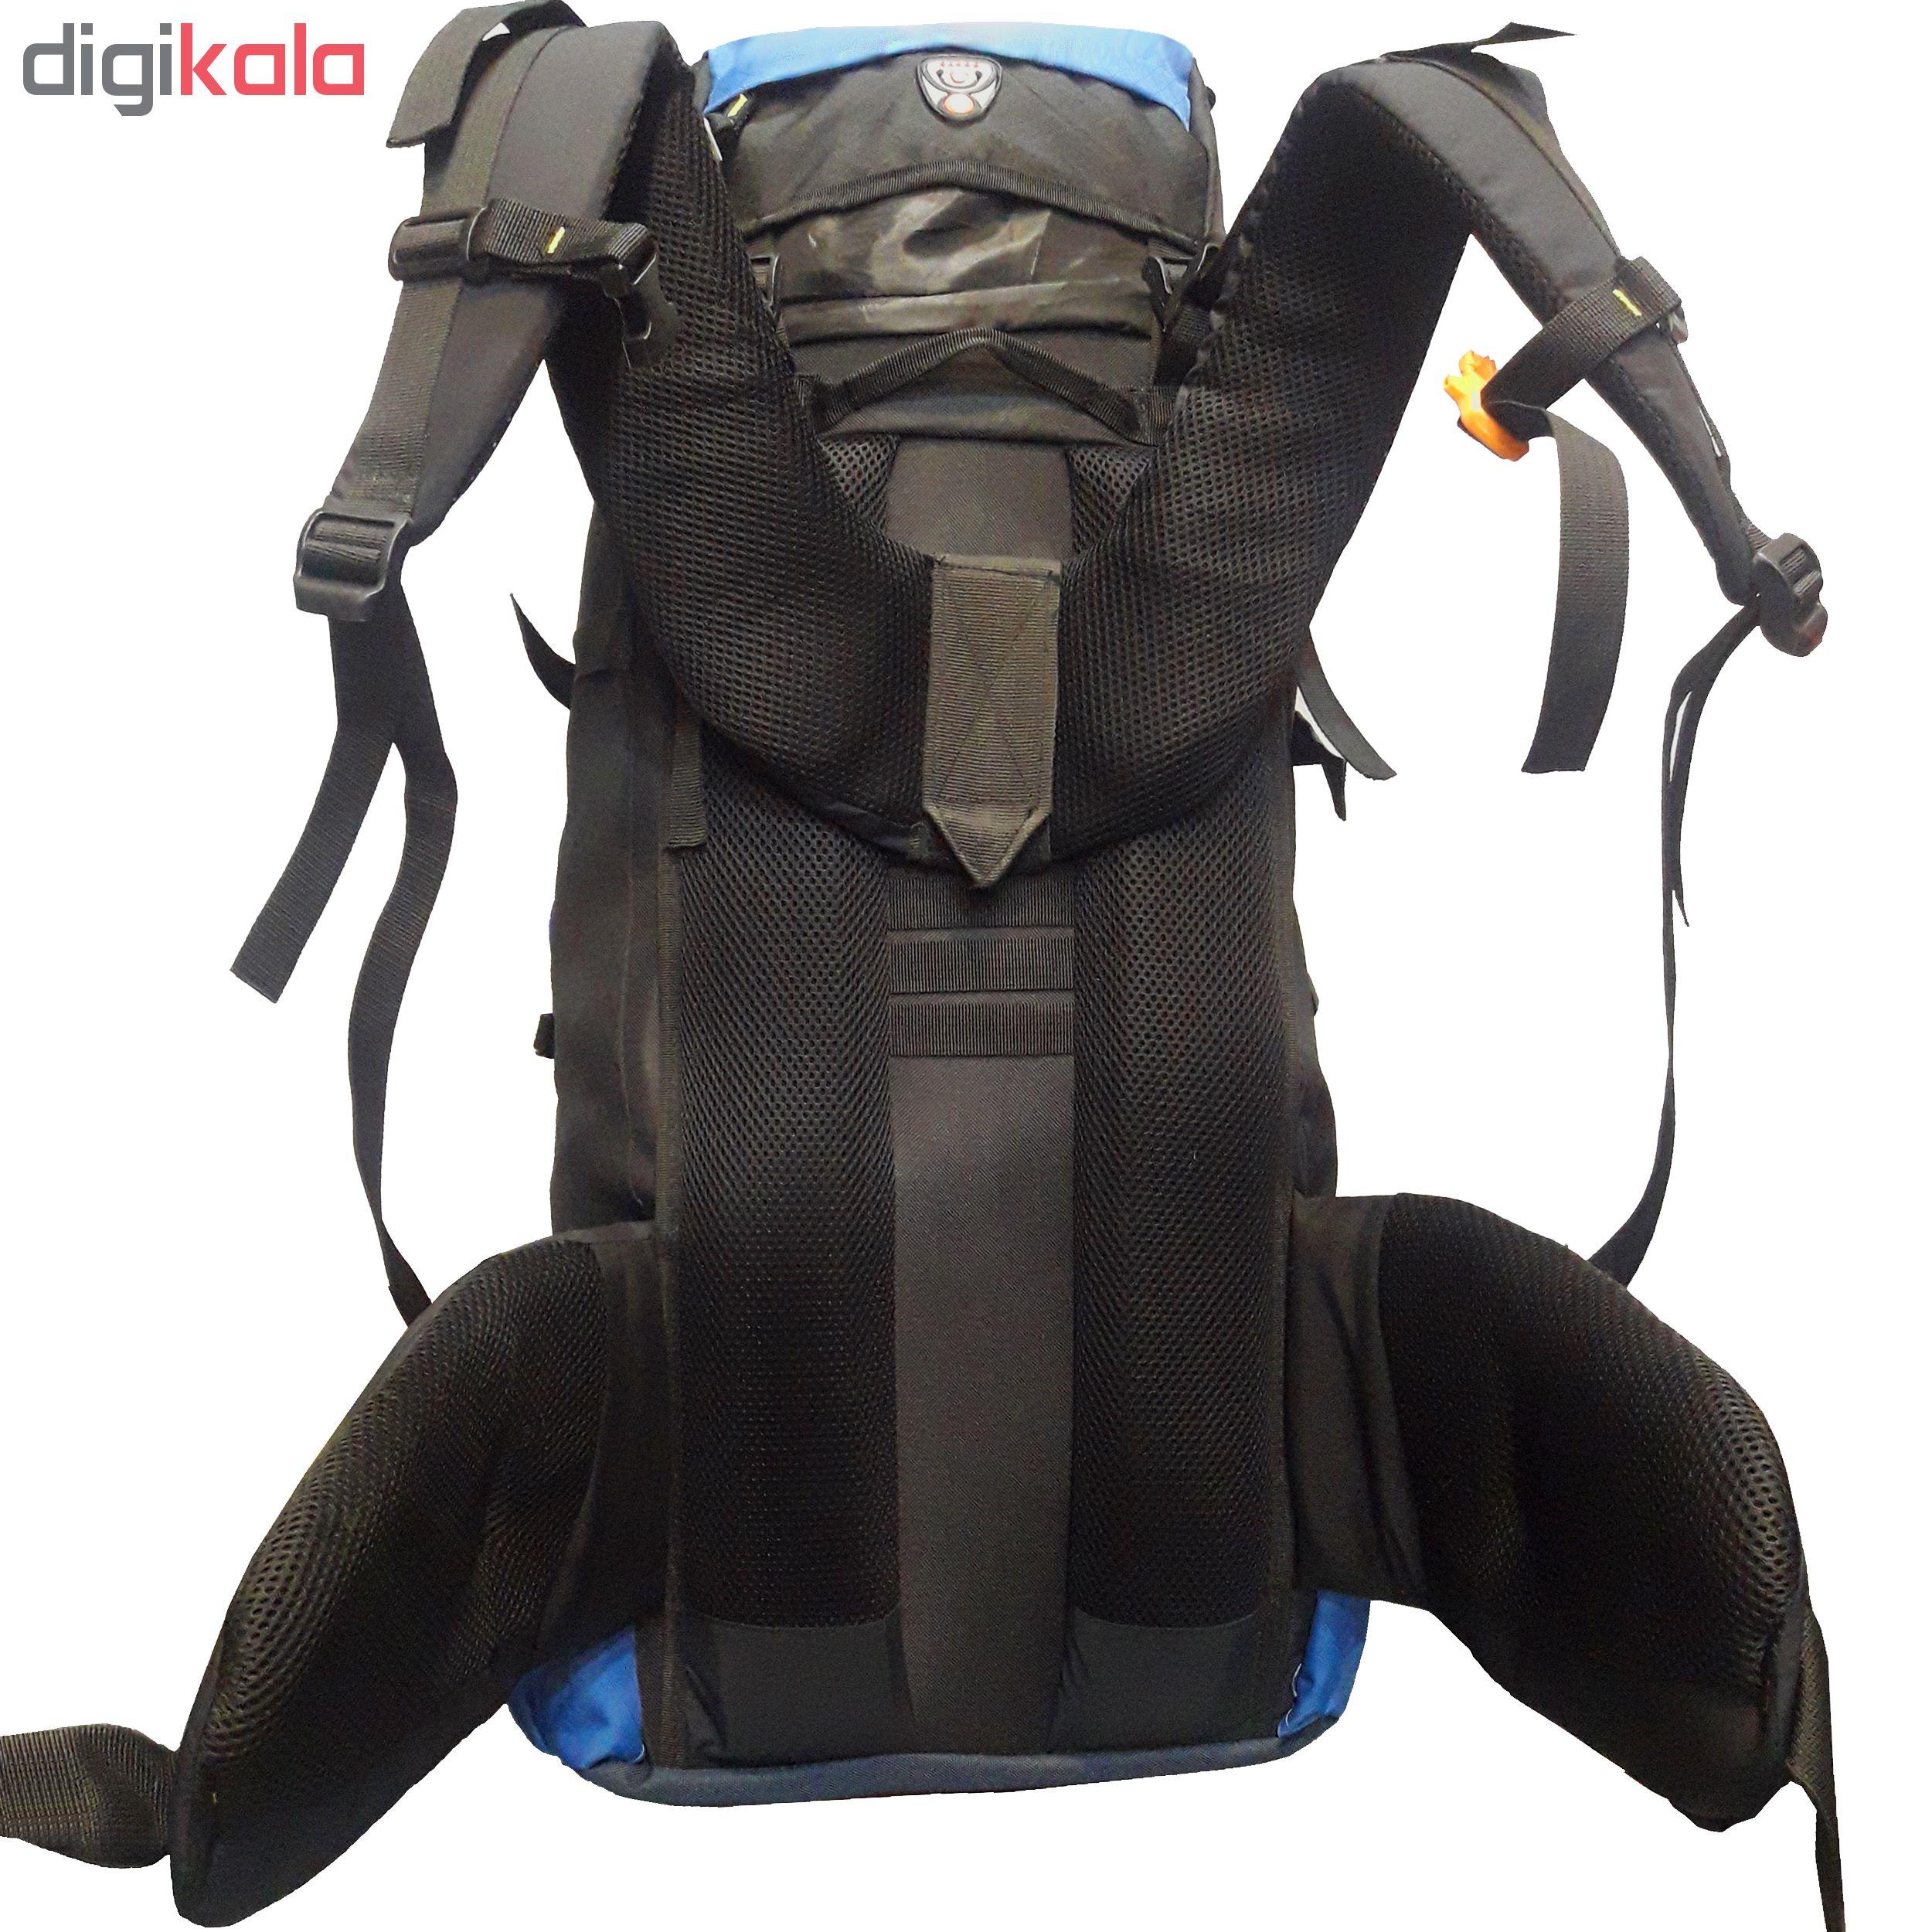 کوله پشتی کوهنوردی 70 لیتری مدل D650 main 1 4